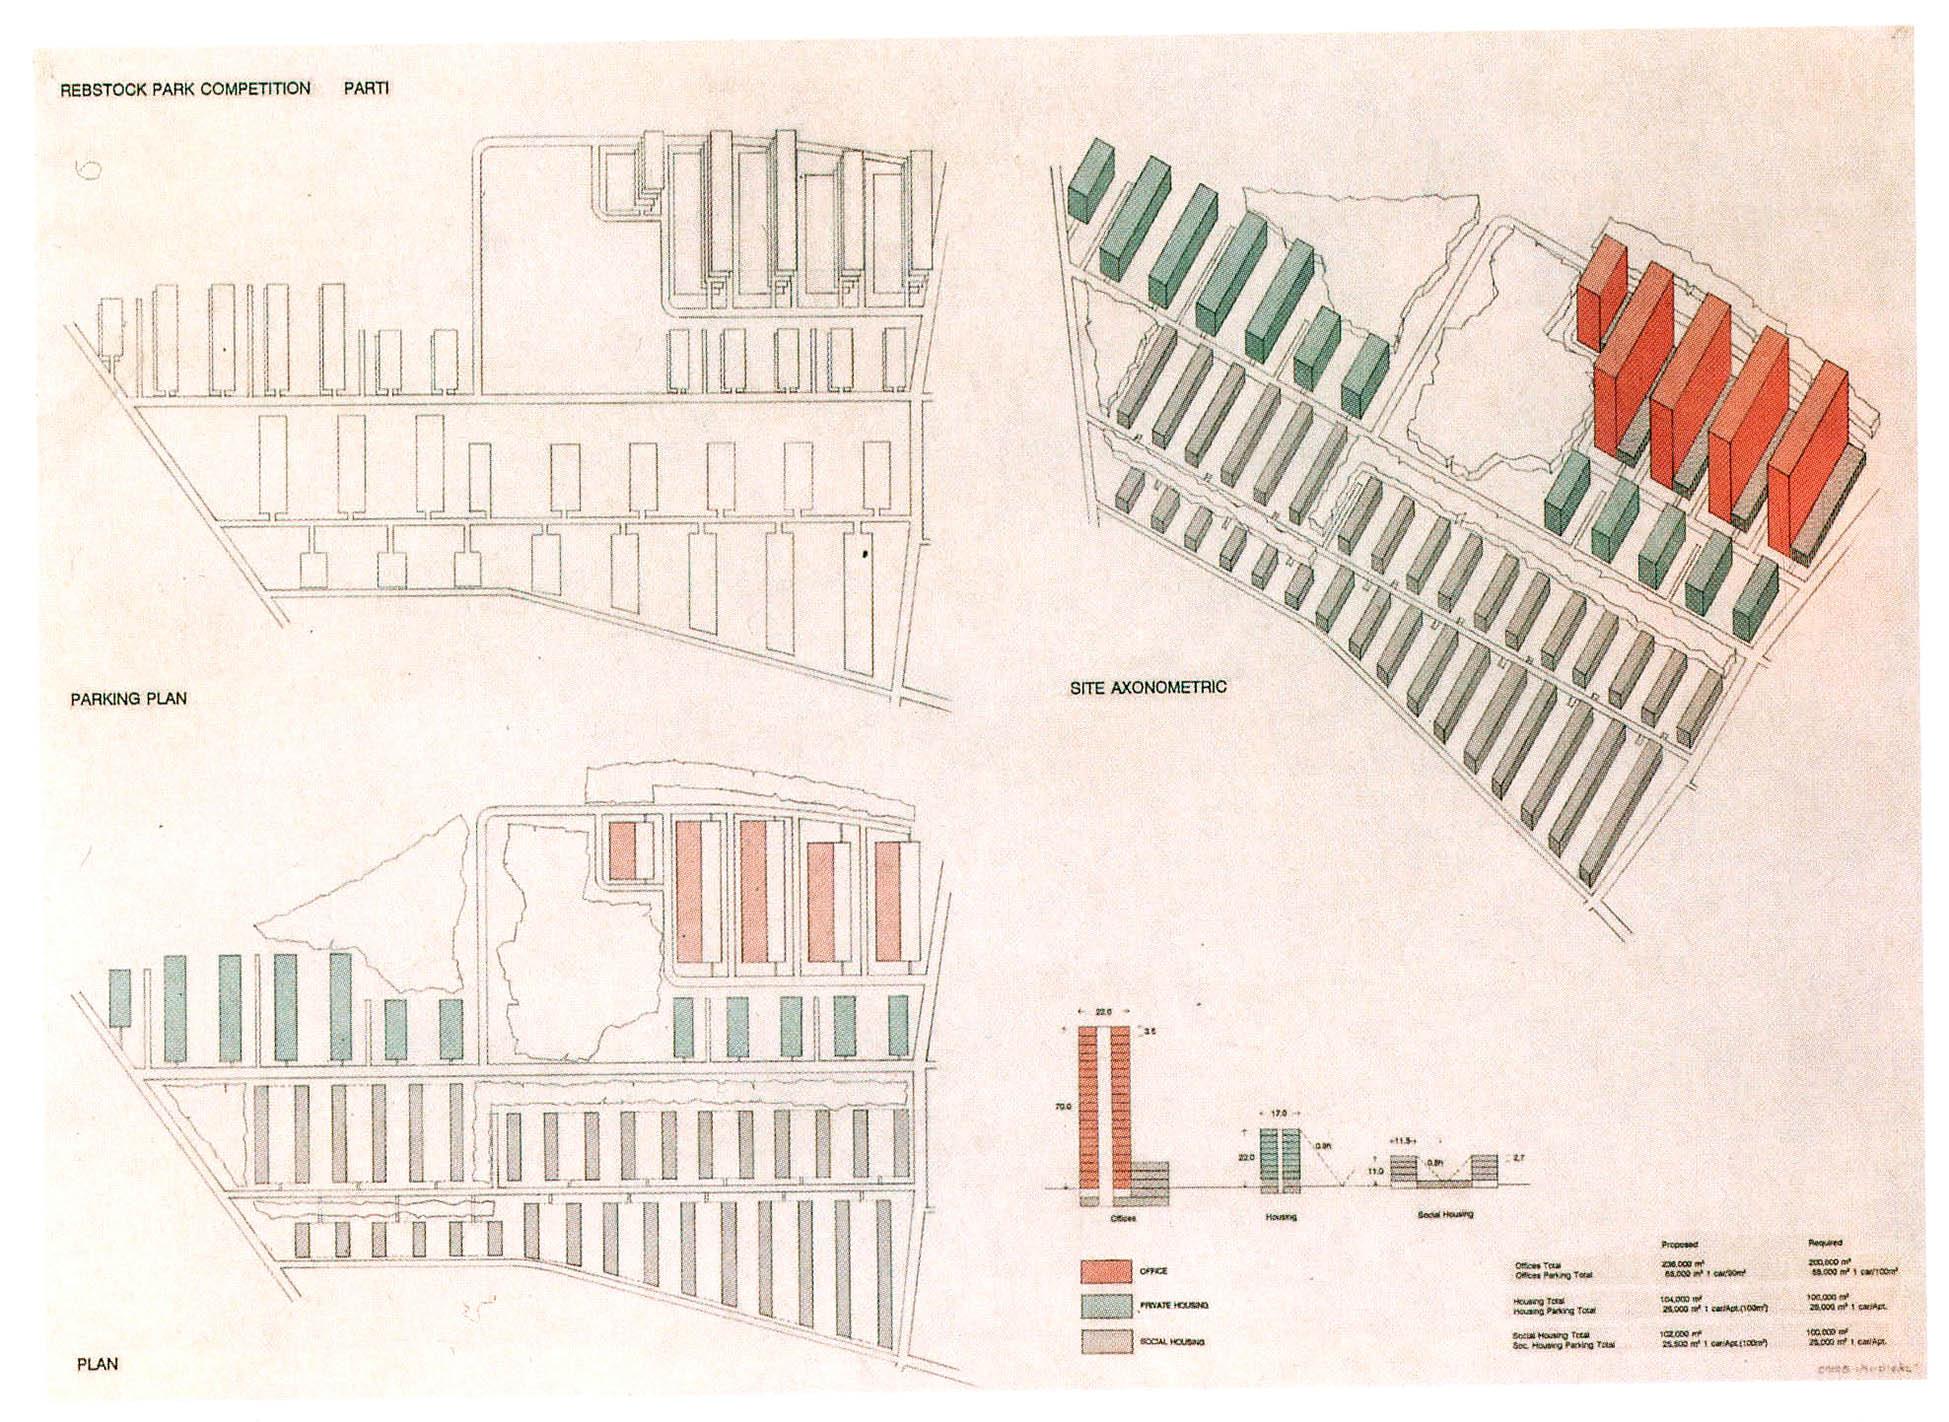 Die Frankfurter Zeilenbauweise als weitere Entwurfsgrundlage